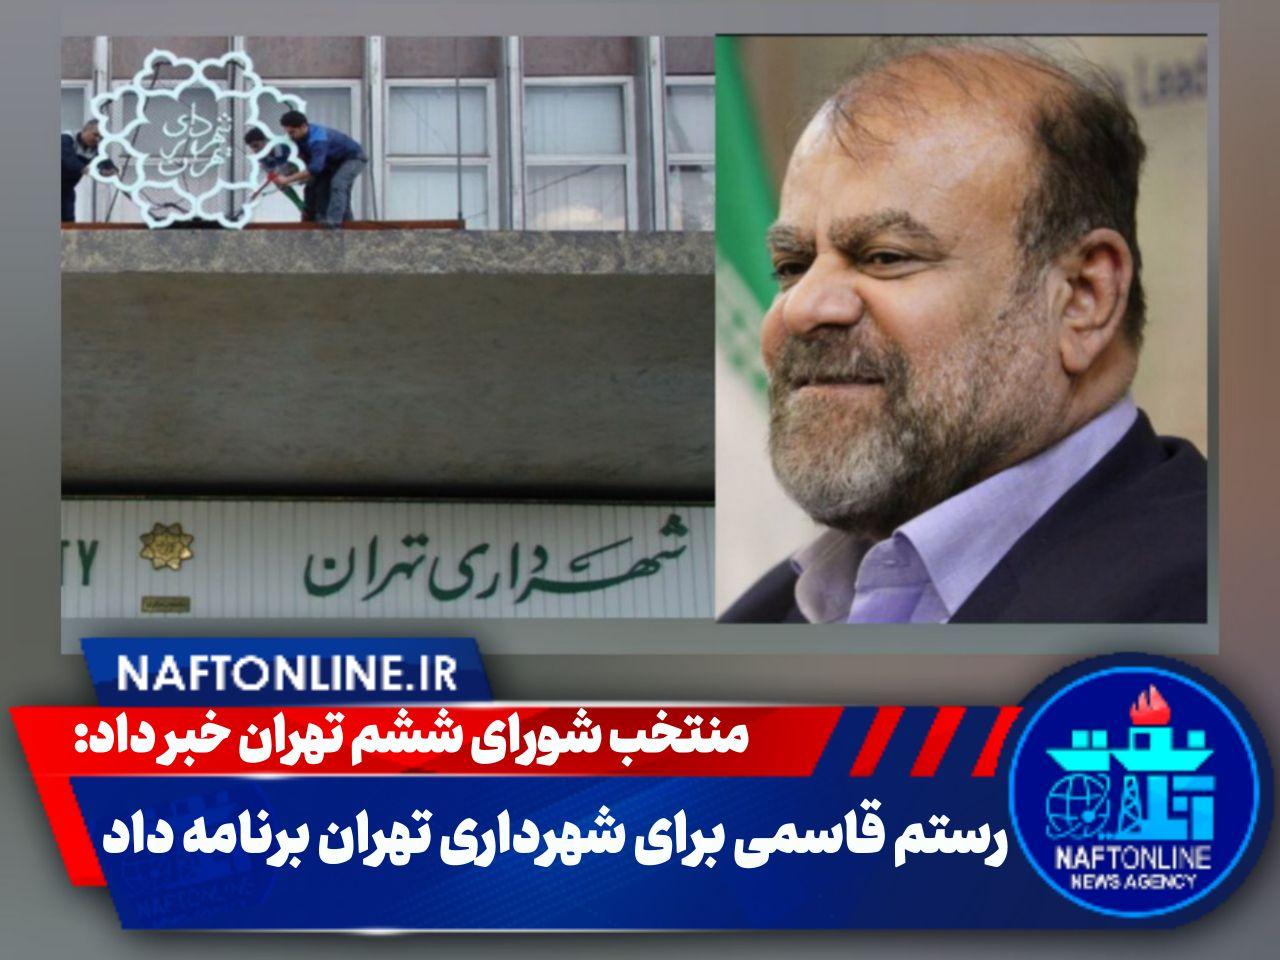 رستم قاسمی | وزیر سابق نفت | شهرداری تهران